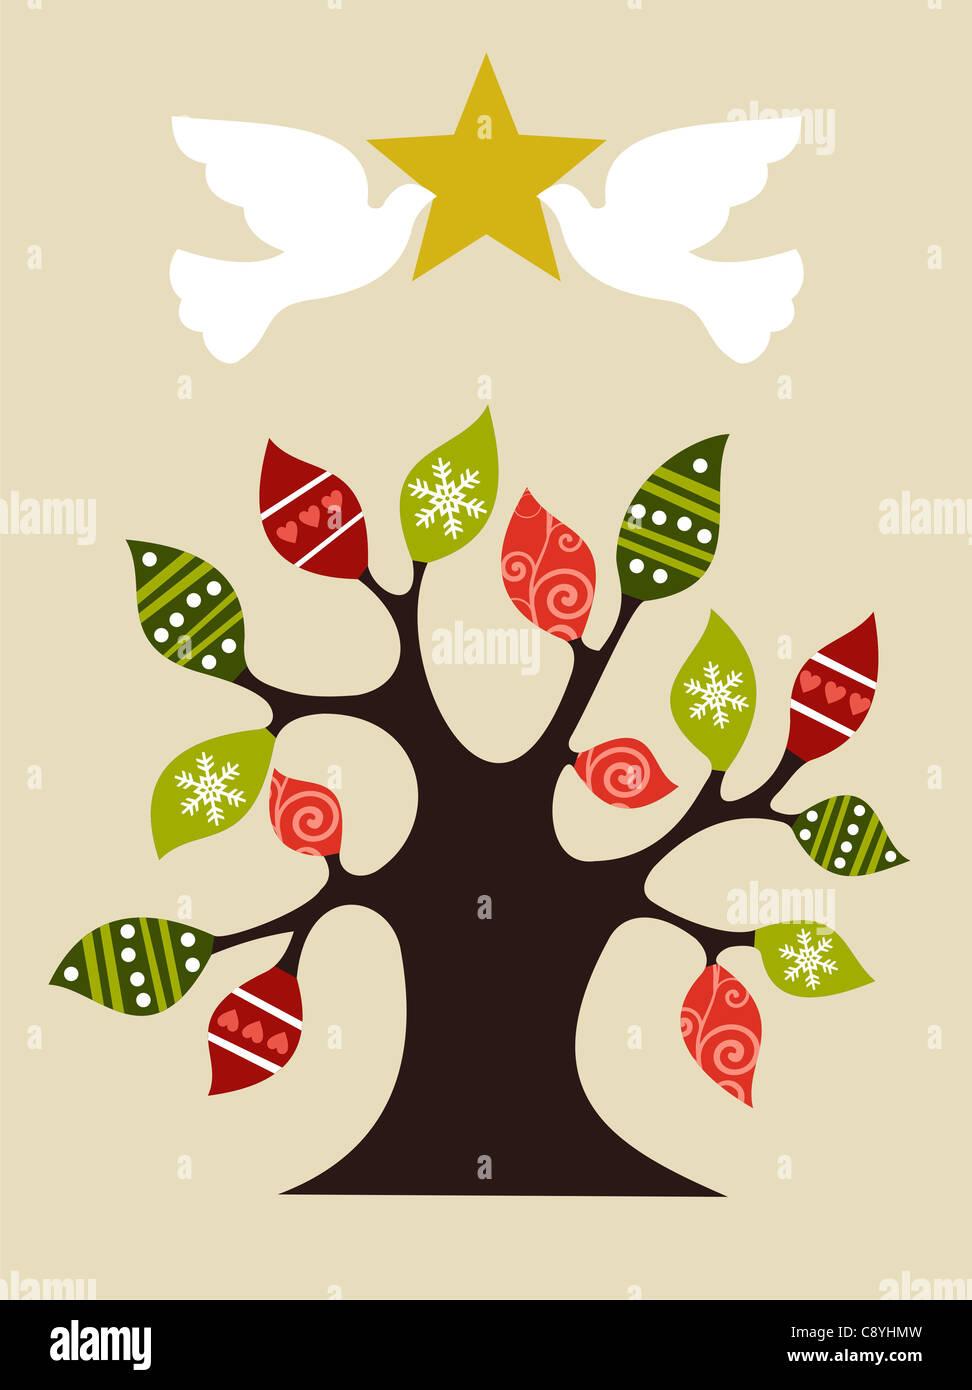 Weihnachtsbaum mit pace-Tauben halten und glänzenden goldenen Stern auf der Spitze. Vektor-Datei zur Verfügung. Stockbild